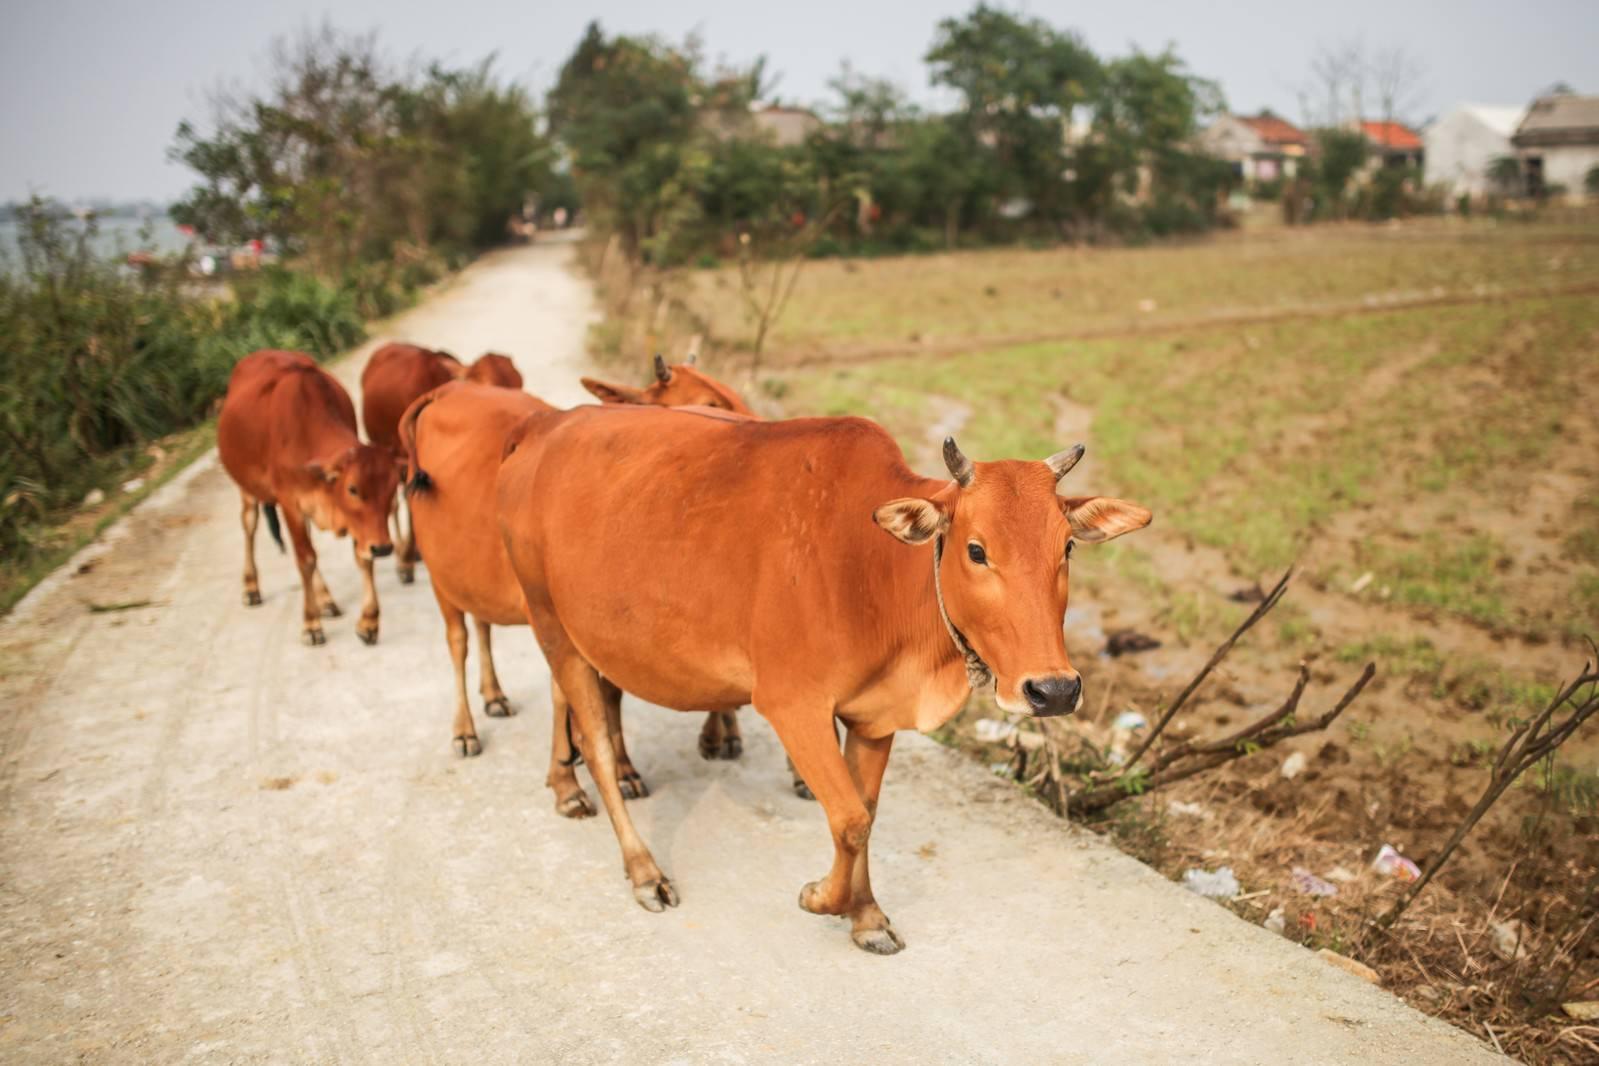 「フエ郊外の牛4頭フエ郊外の牛4頭」のフリー写真素材を拡大